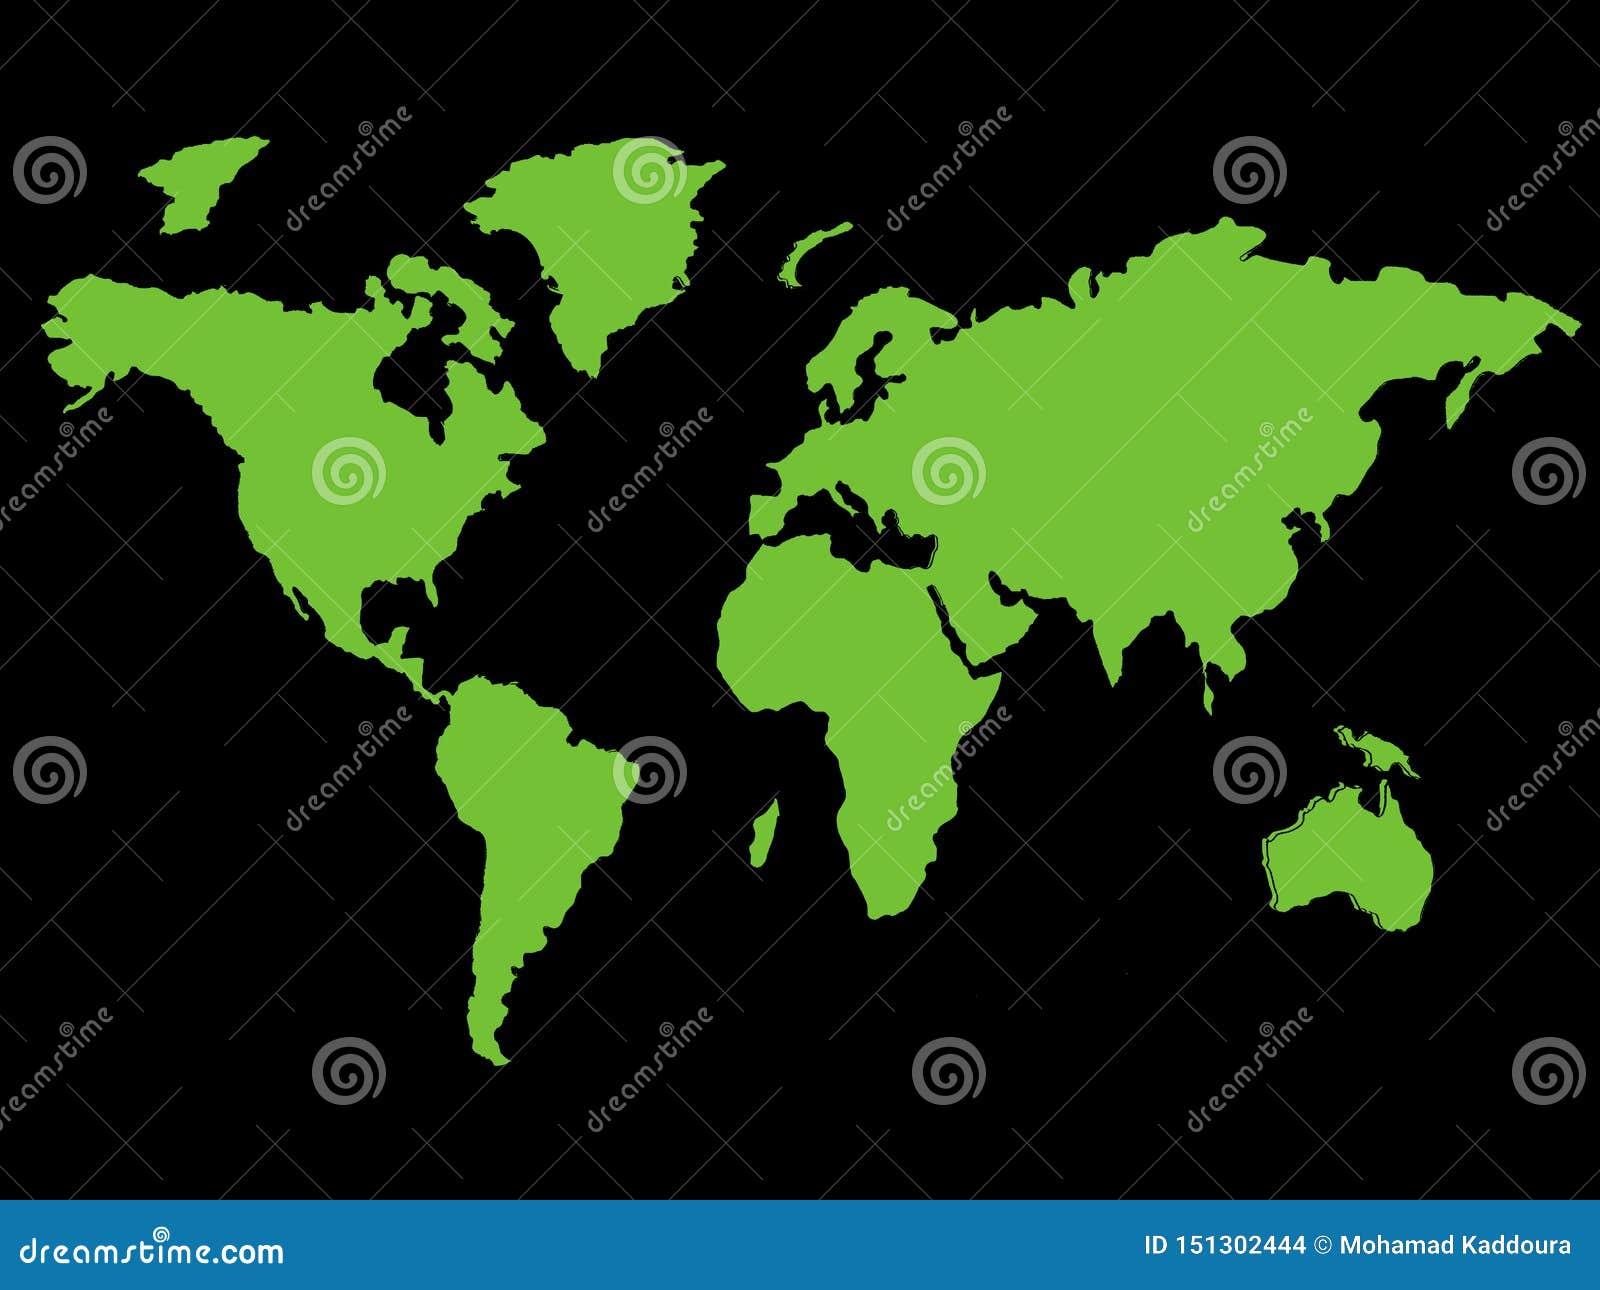 Zielona Światowa mapa reprezentuje środowiskowych globalnych cele - kartografuje obrazek odizolowywającego na czarnym tle